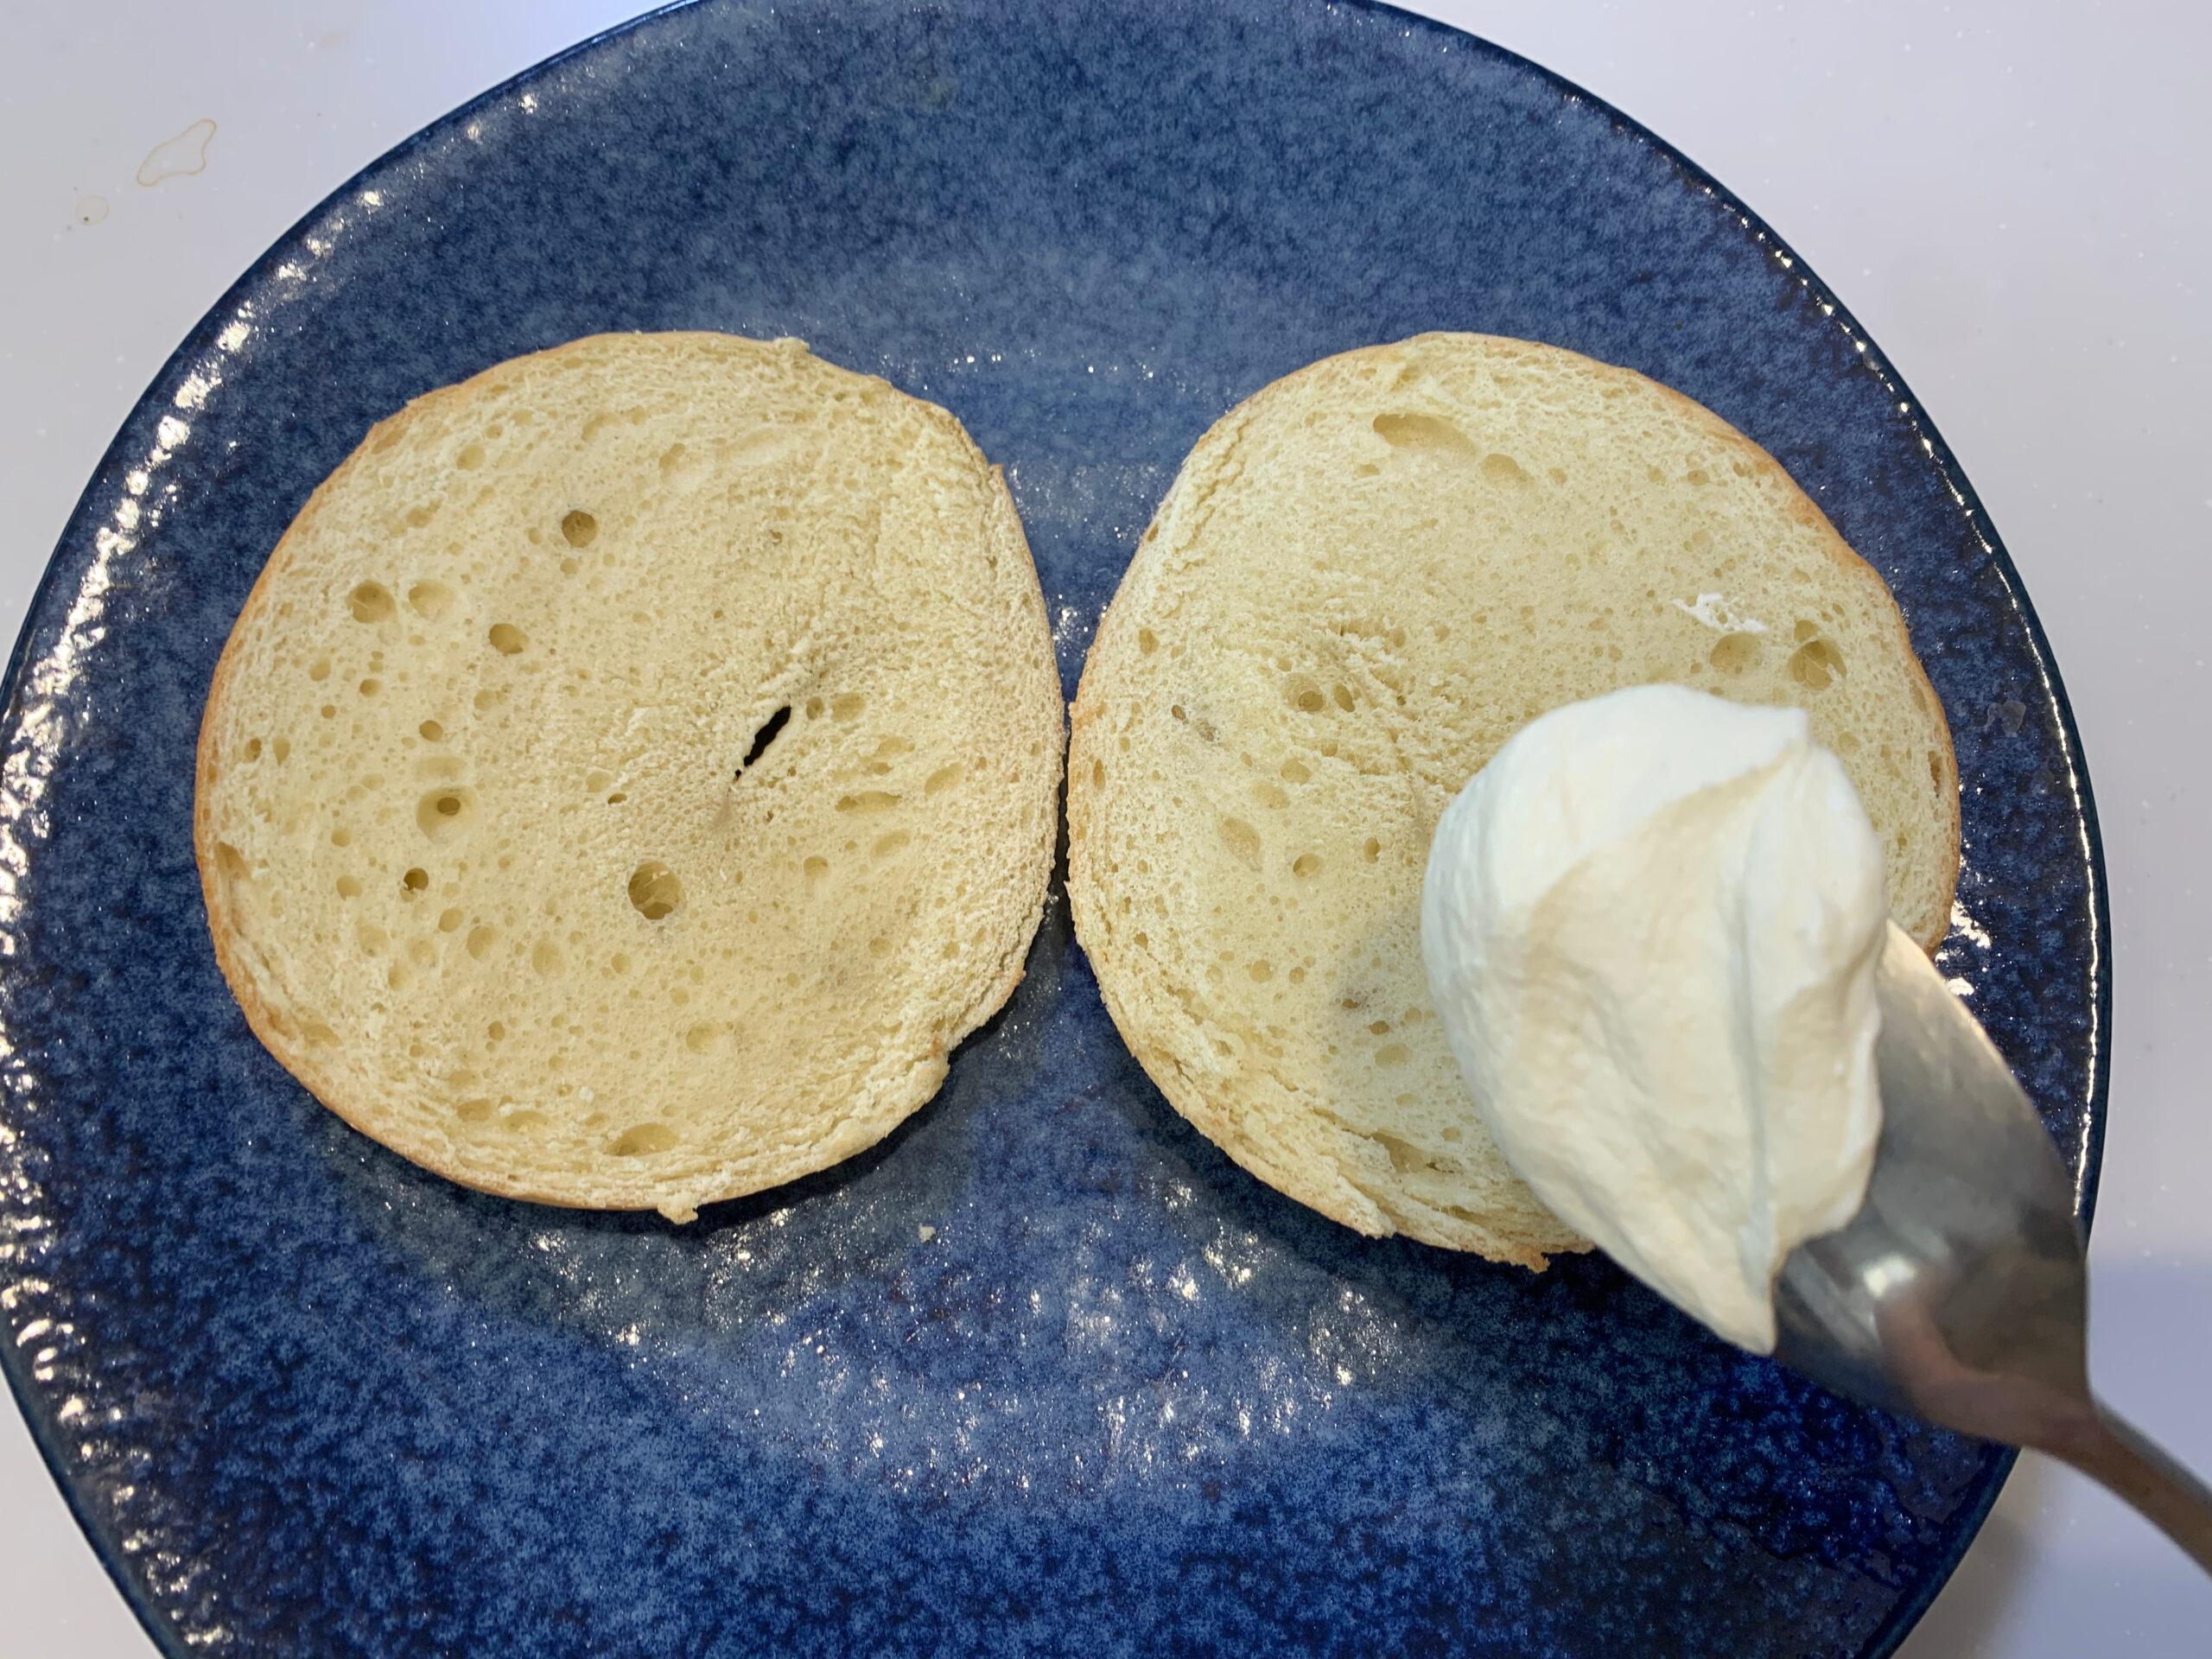 クリームチーズとベーグル